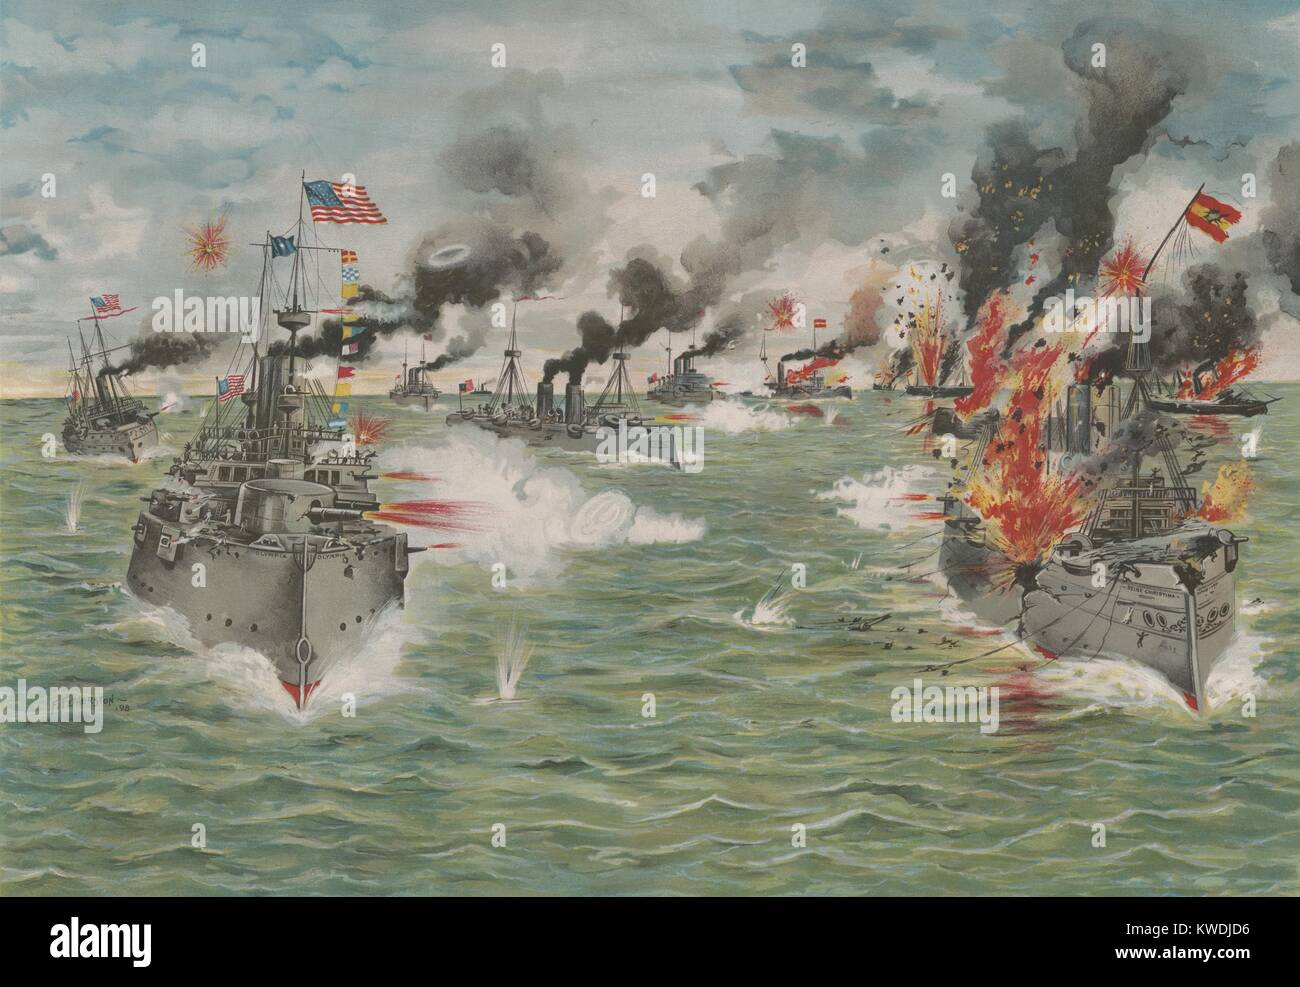 Nosotros Escuadrón asiático ofrece la última atacando a la flota del Pacífico de los españoles, Imagen De Stock